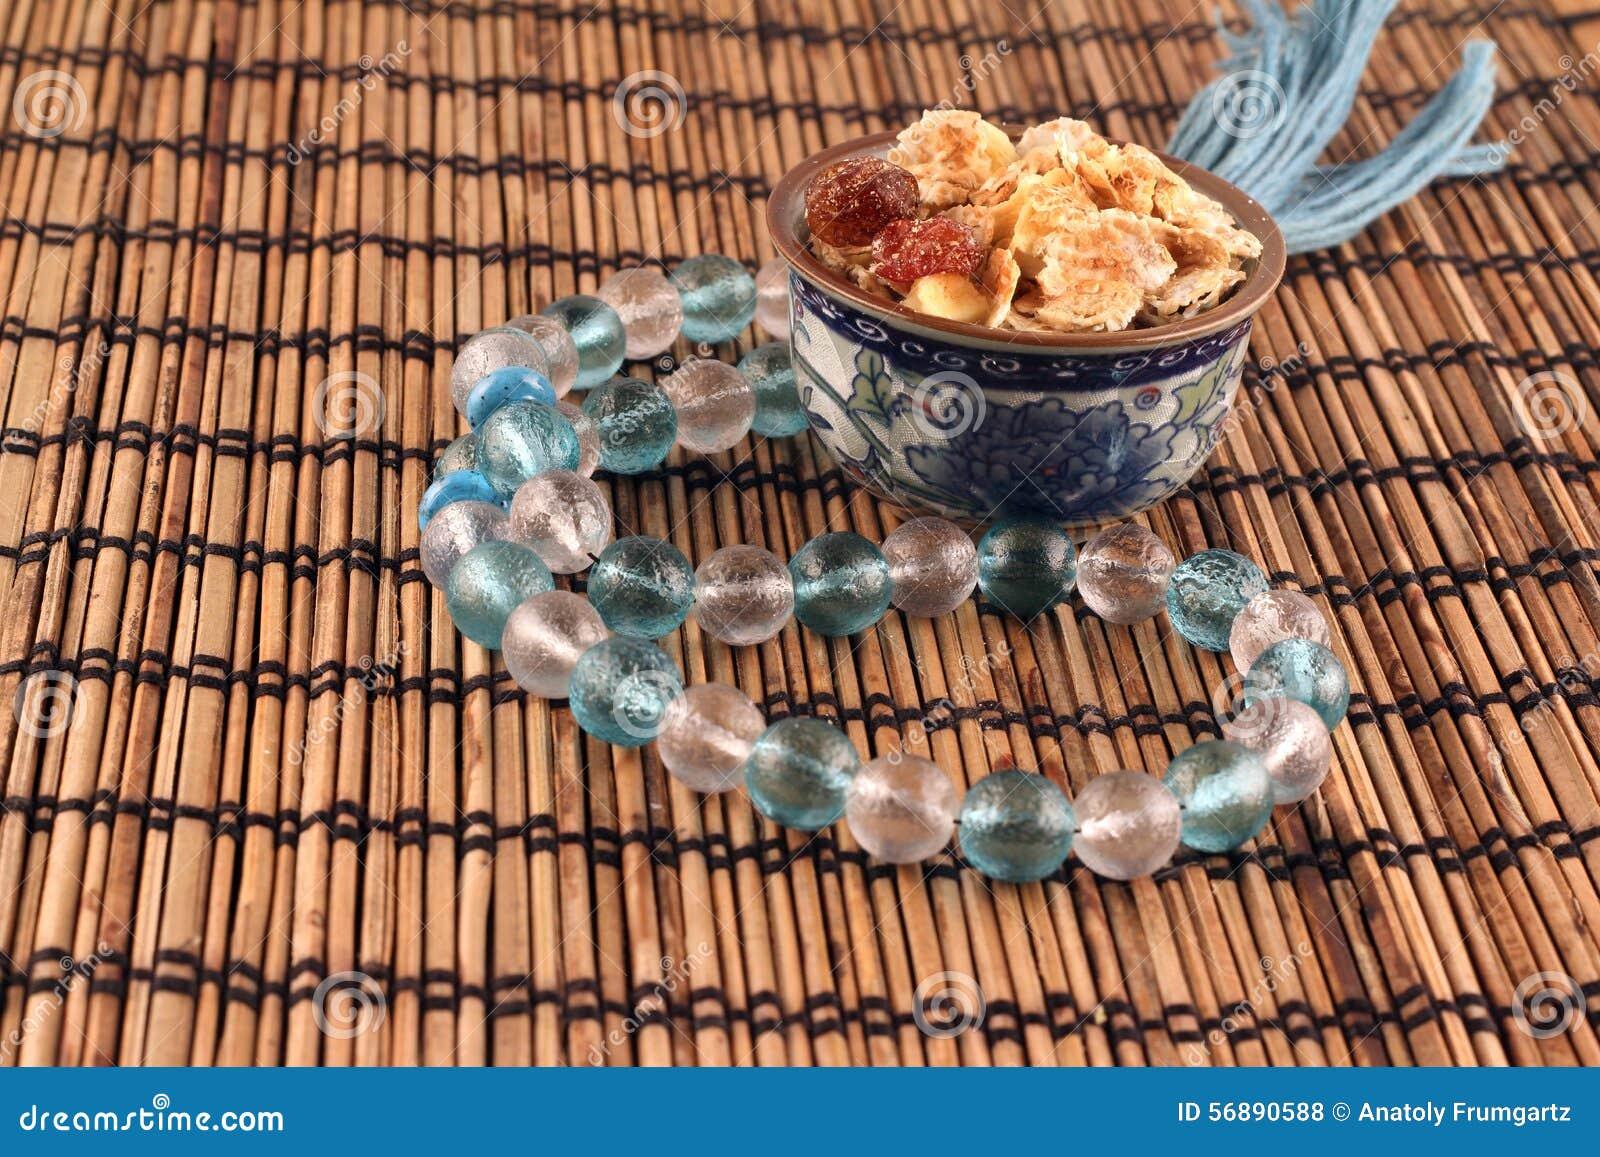 Una ciotola di fiocchi di granturco e serie di perle